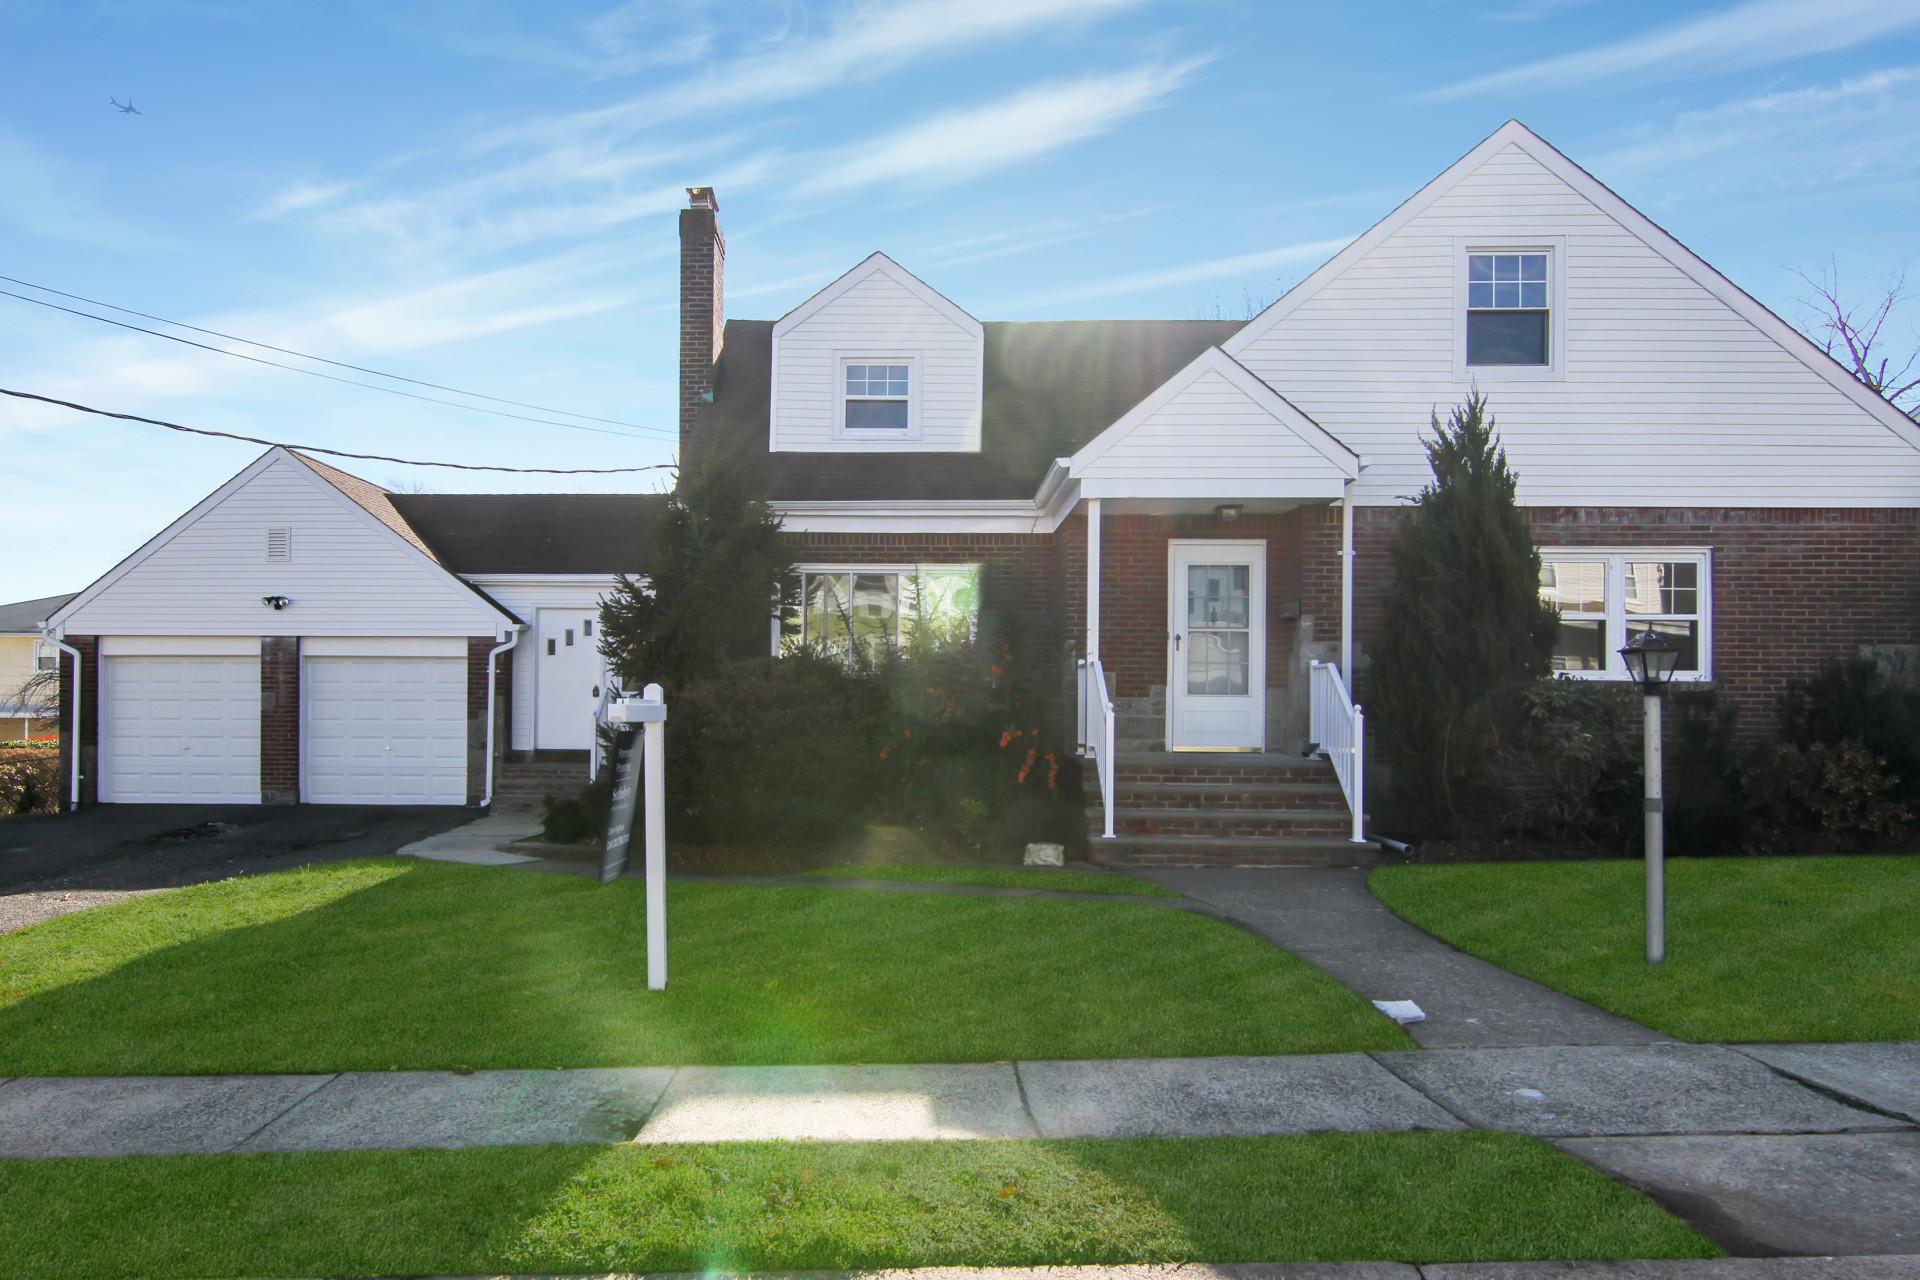 独户住宅 为 销售 在 Great Opportunity 36 Catherine Ave 德尔布鲁克, 07663 美国